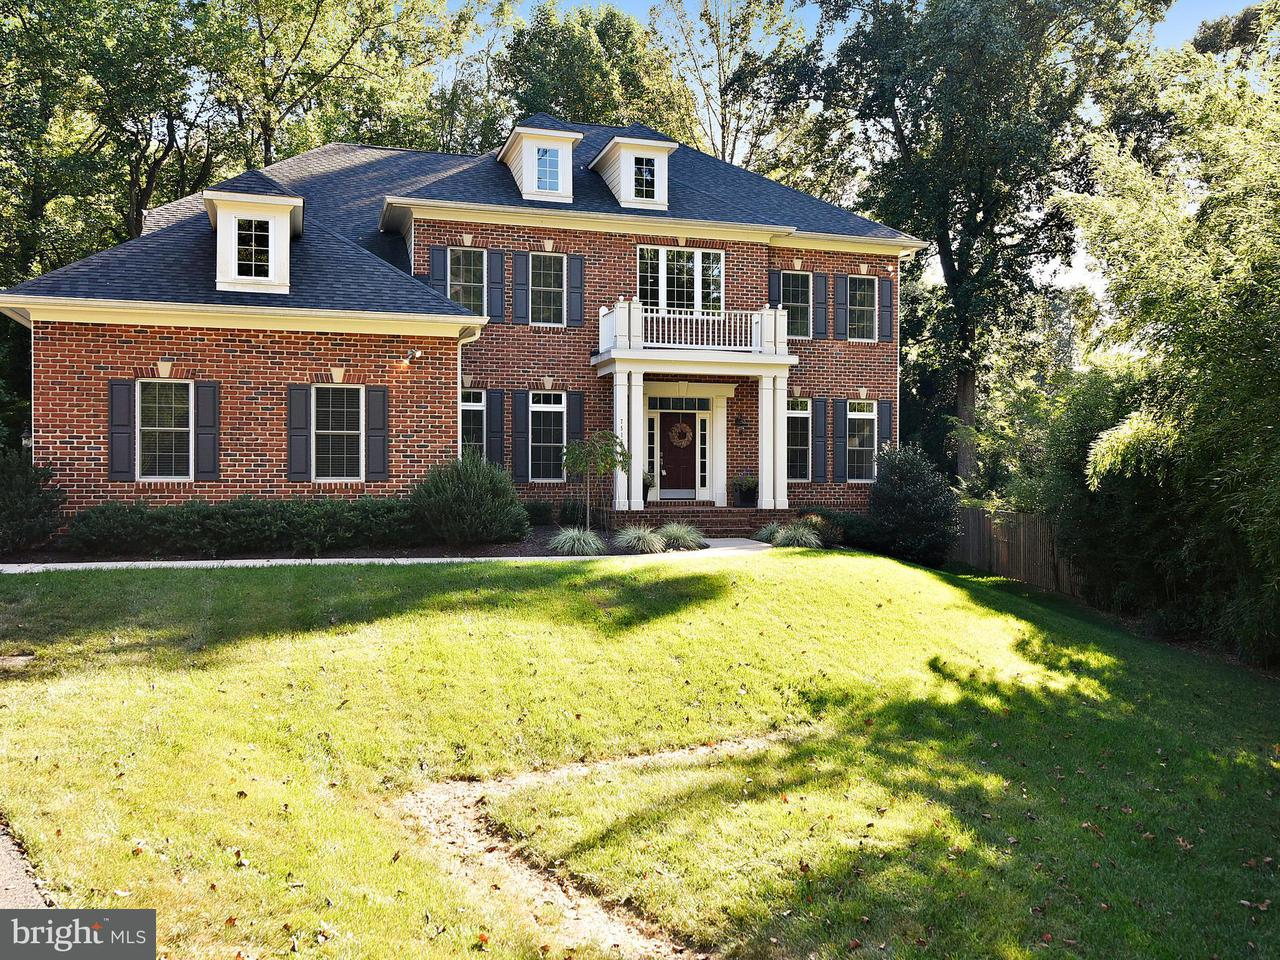 Μονοκατοικία για την Πώληση στο 7515 WALTON Lane 7515 WALTON Lane Annandale, Βιρτζινια 22003 Ηνωμενεσ Πολιτειεσ